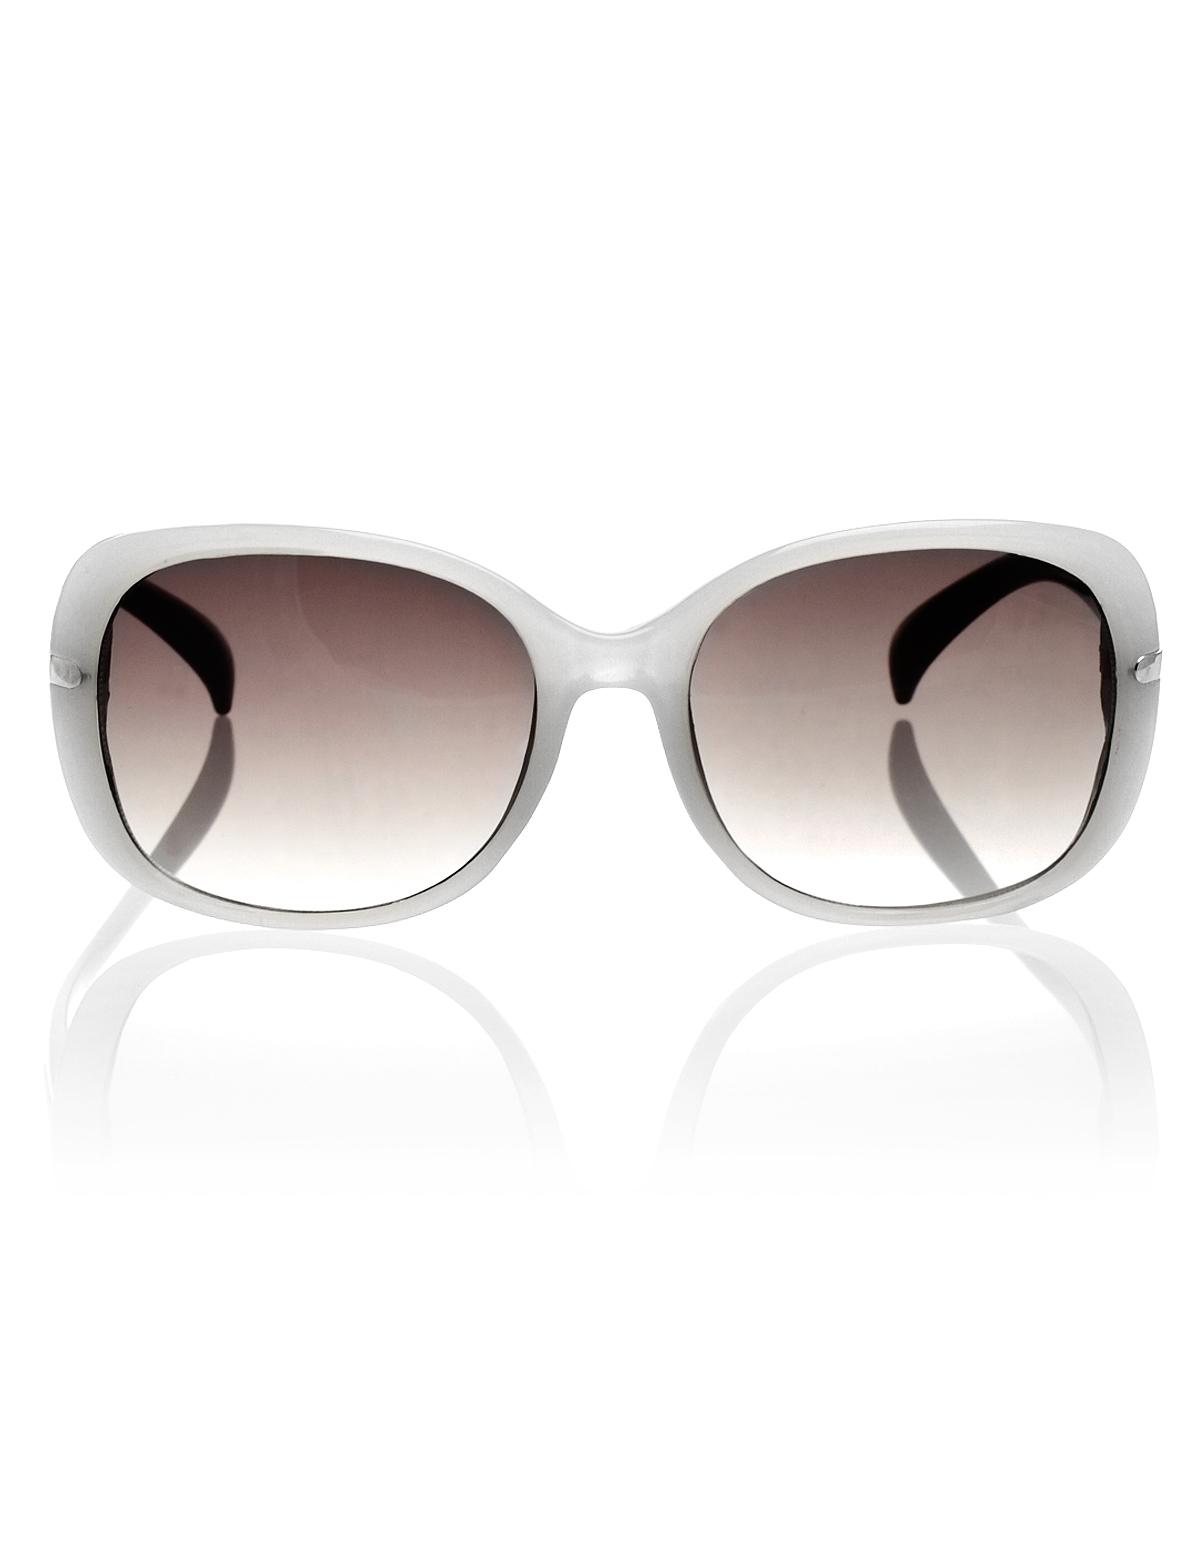 White Frame Sunglasses | Cleo